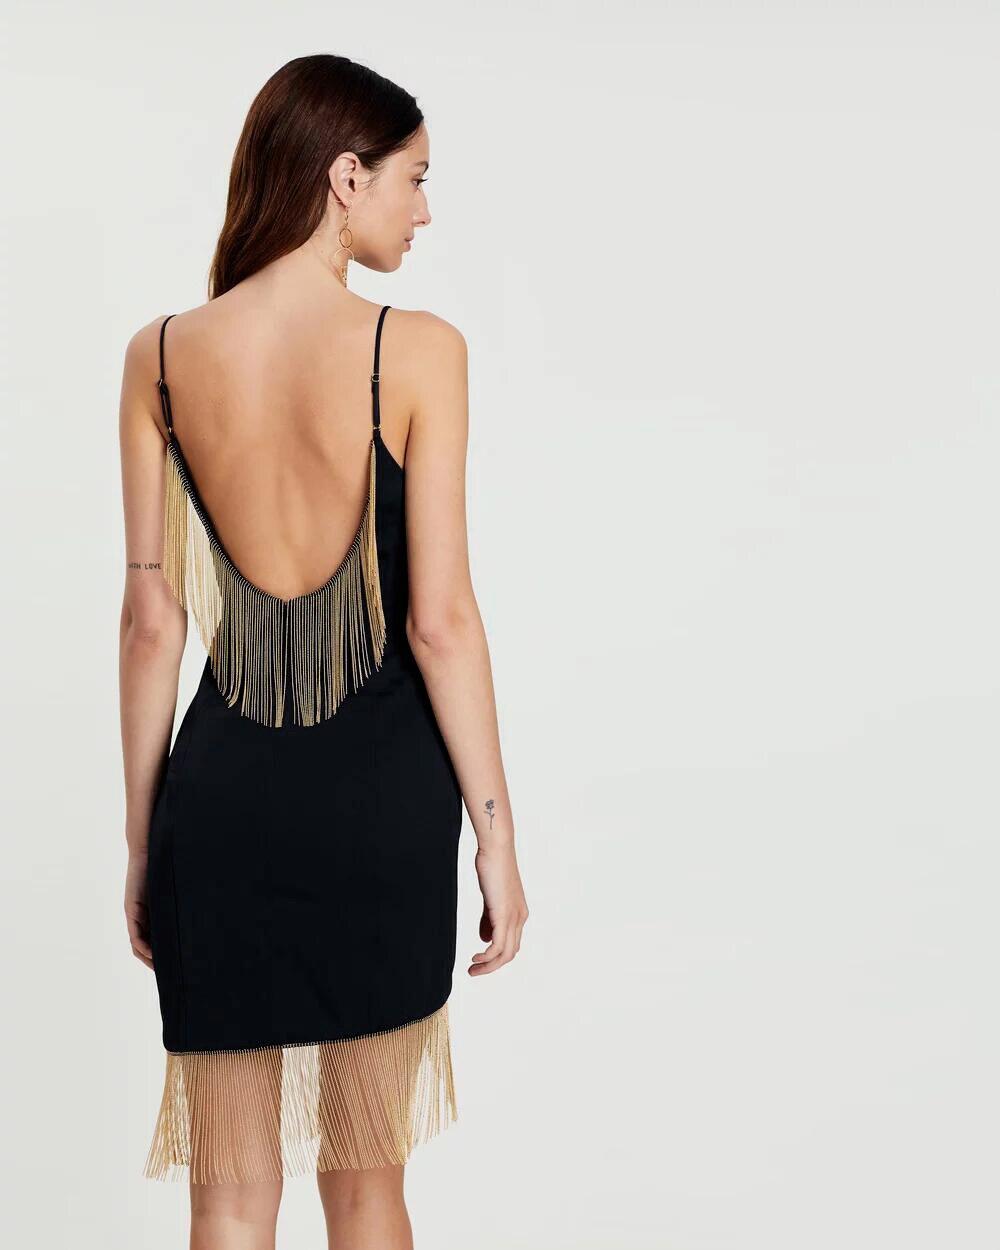 Luxe Deavogy Club Soirée Dos Noir Robe 2019 Femmes Nu Lacée Gland Partie Nouvelle Sangle Célébrité Sexy De w64tqnx6rv